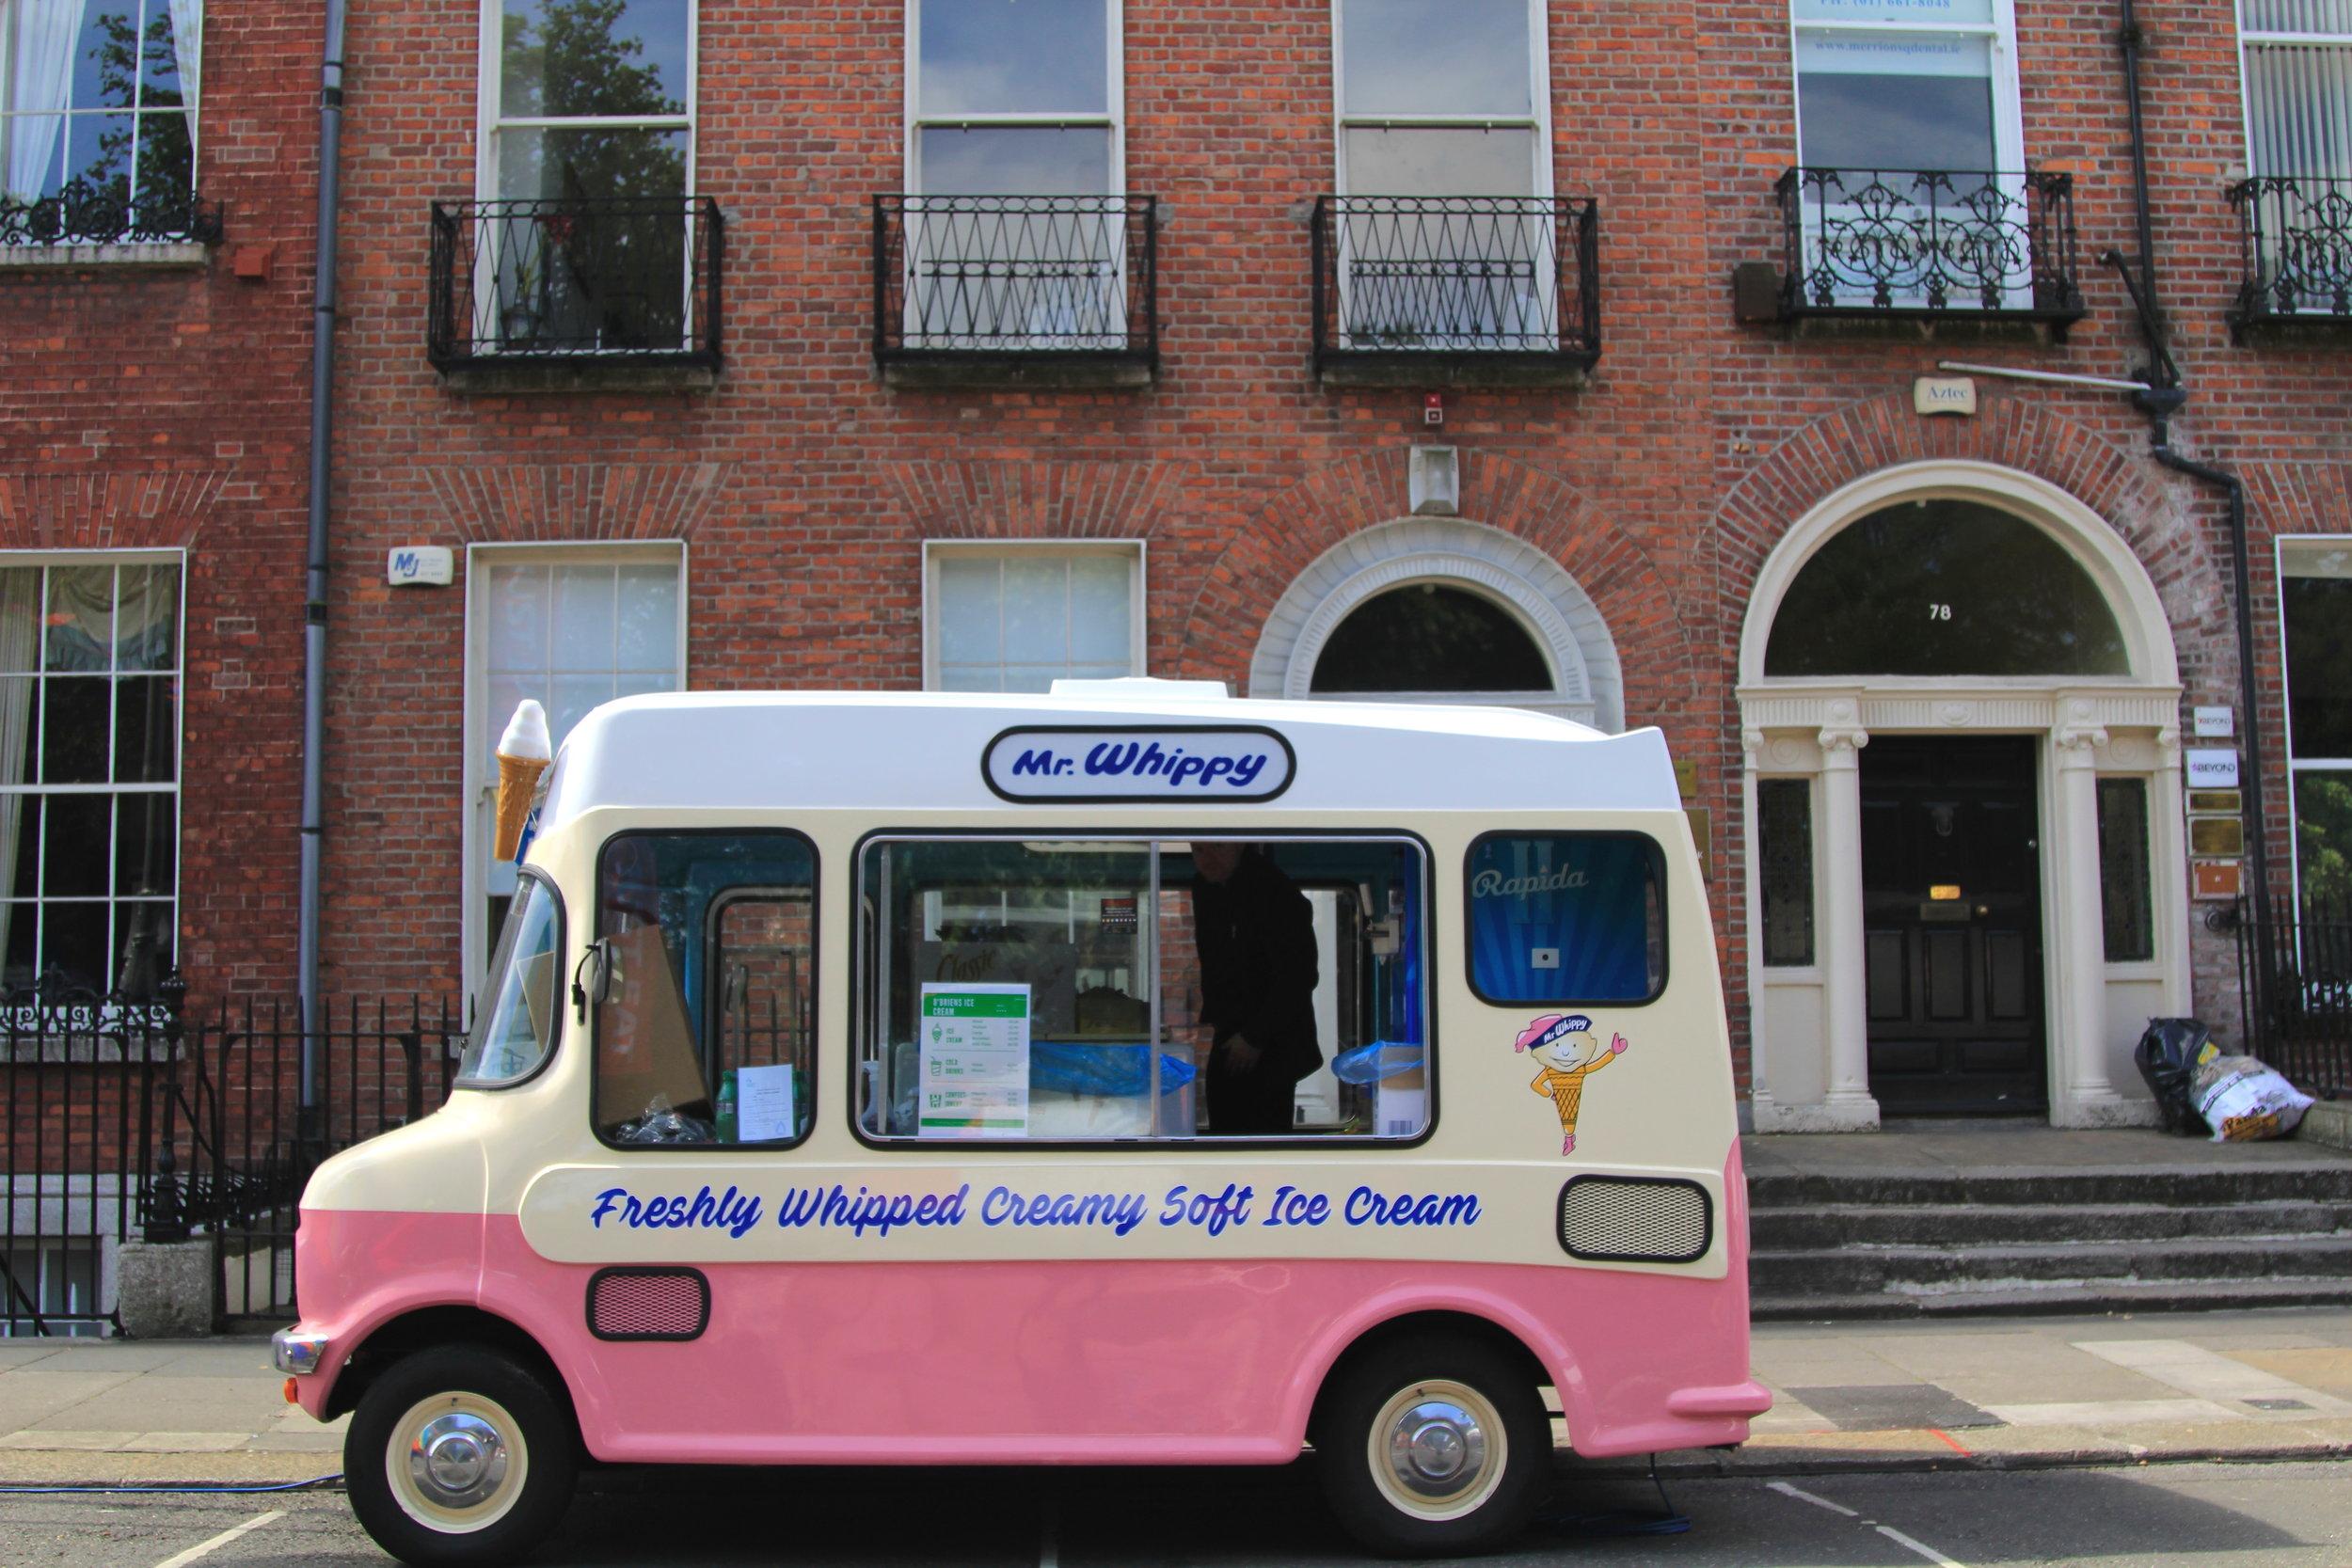 Dublin! So cute.